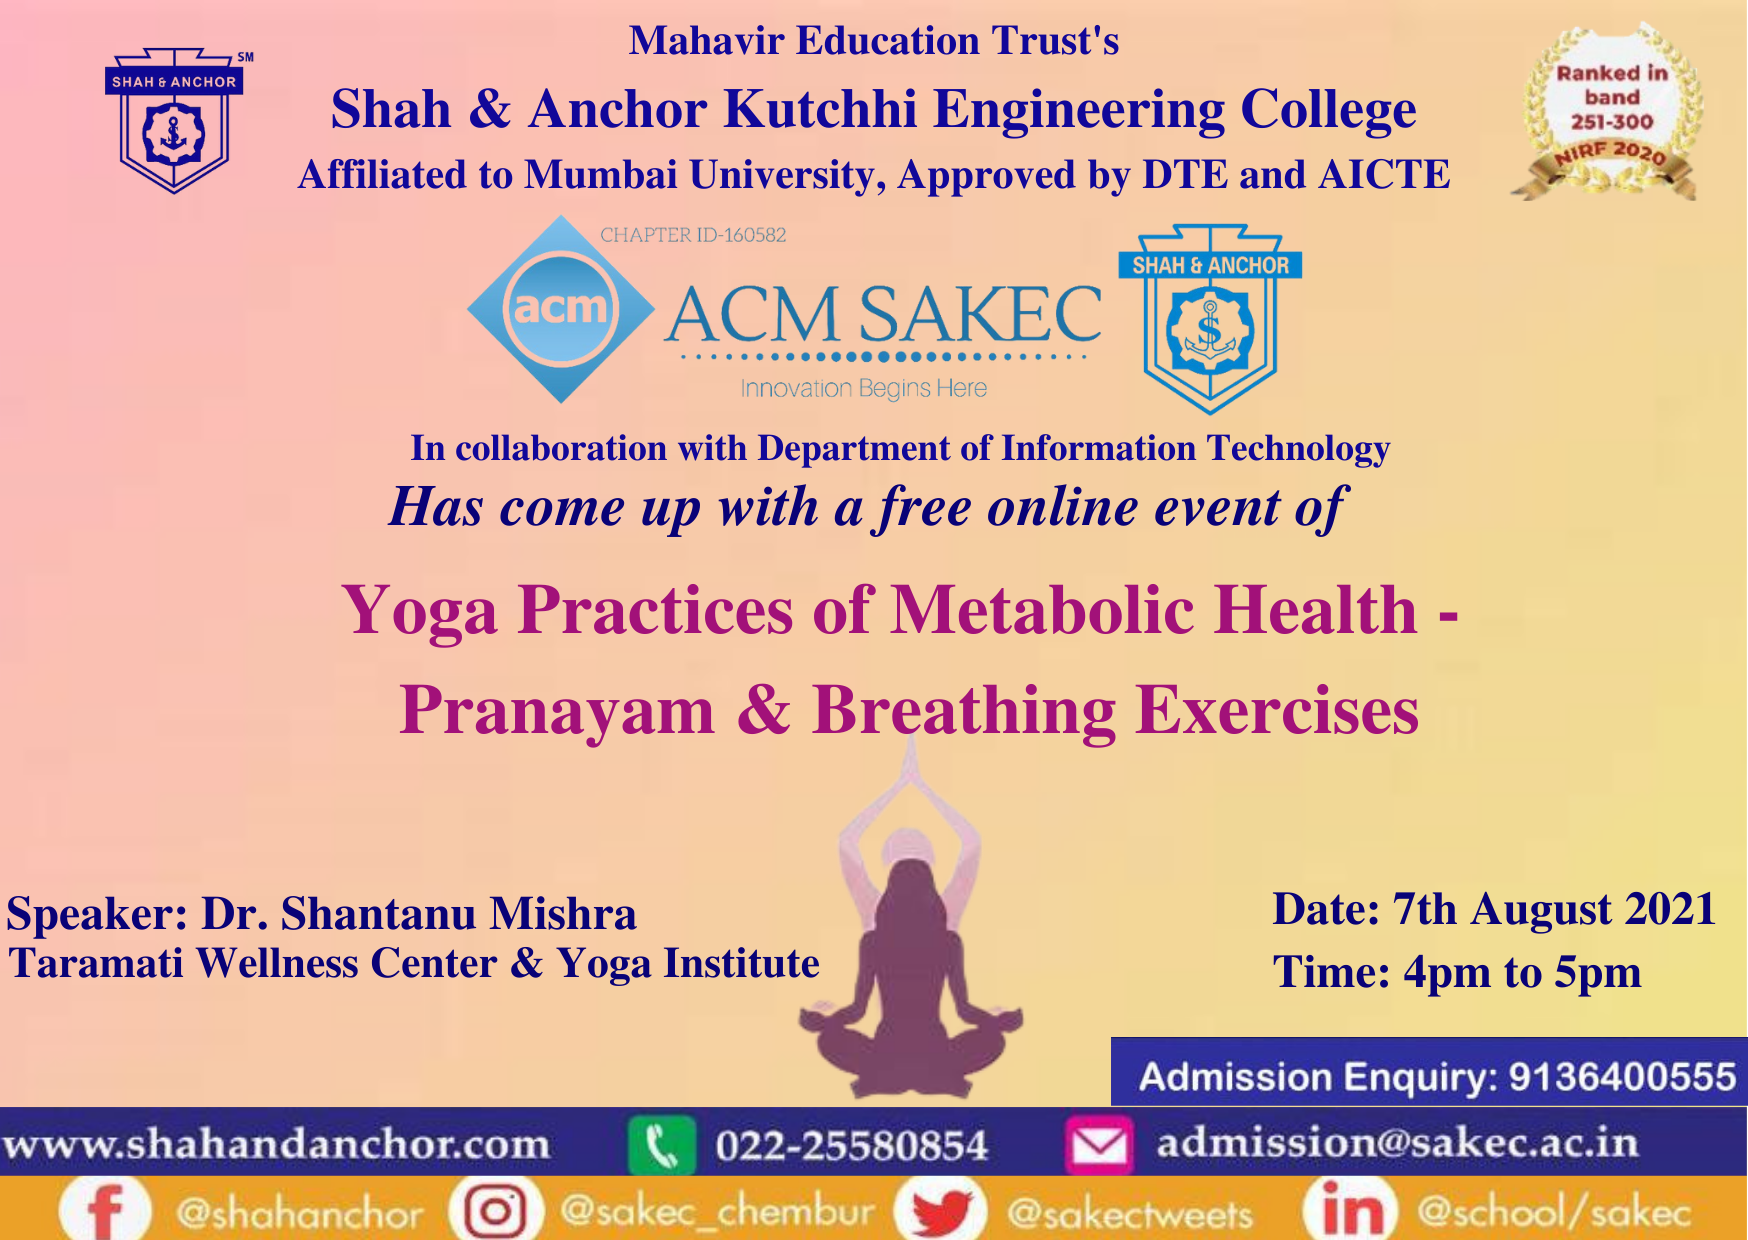 Yoga Practices of Metabolic Health: Pranayam & Breathing Exercises